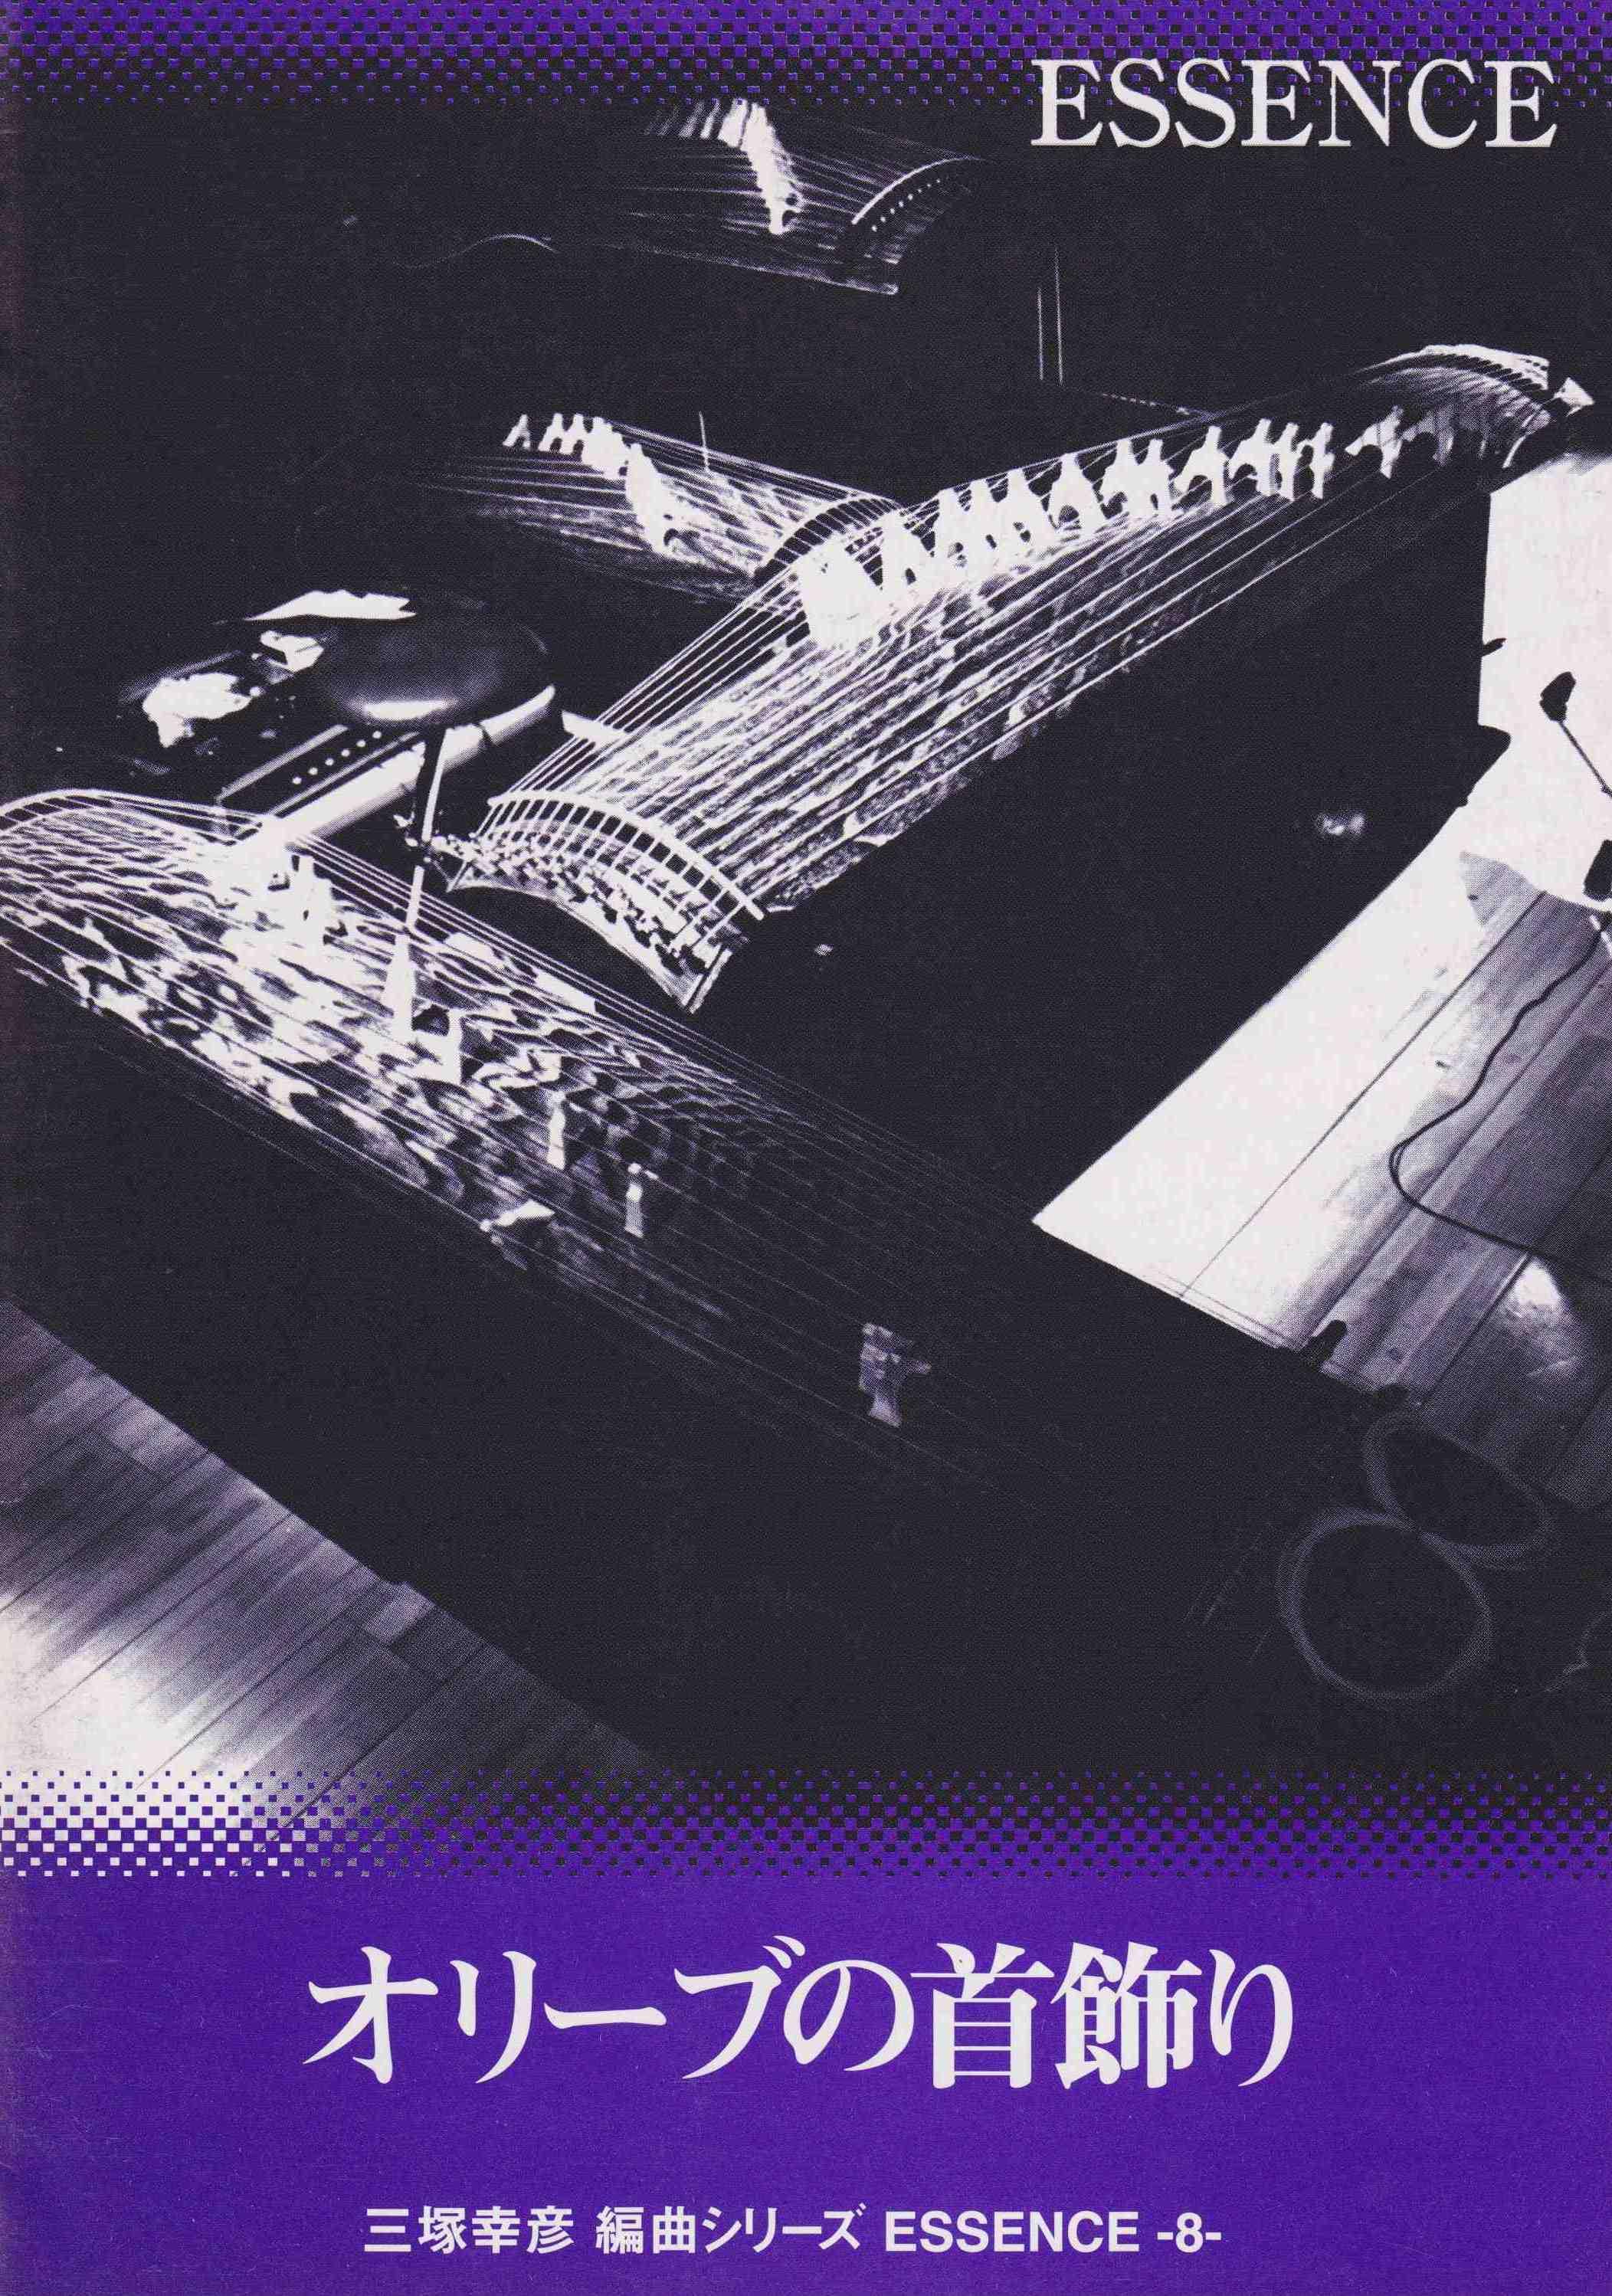 楽譜 オリーブの首飾り/ESSENCE Again[5178]